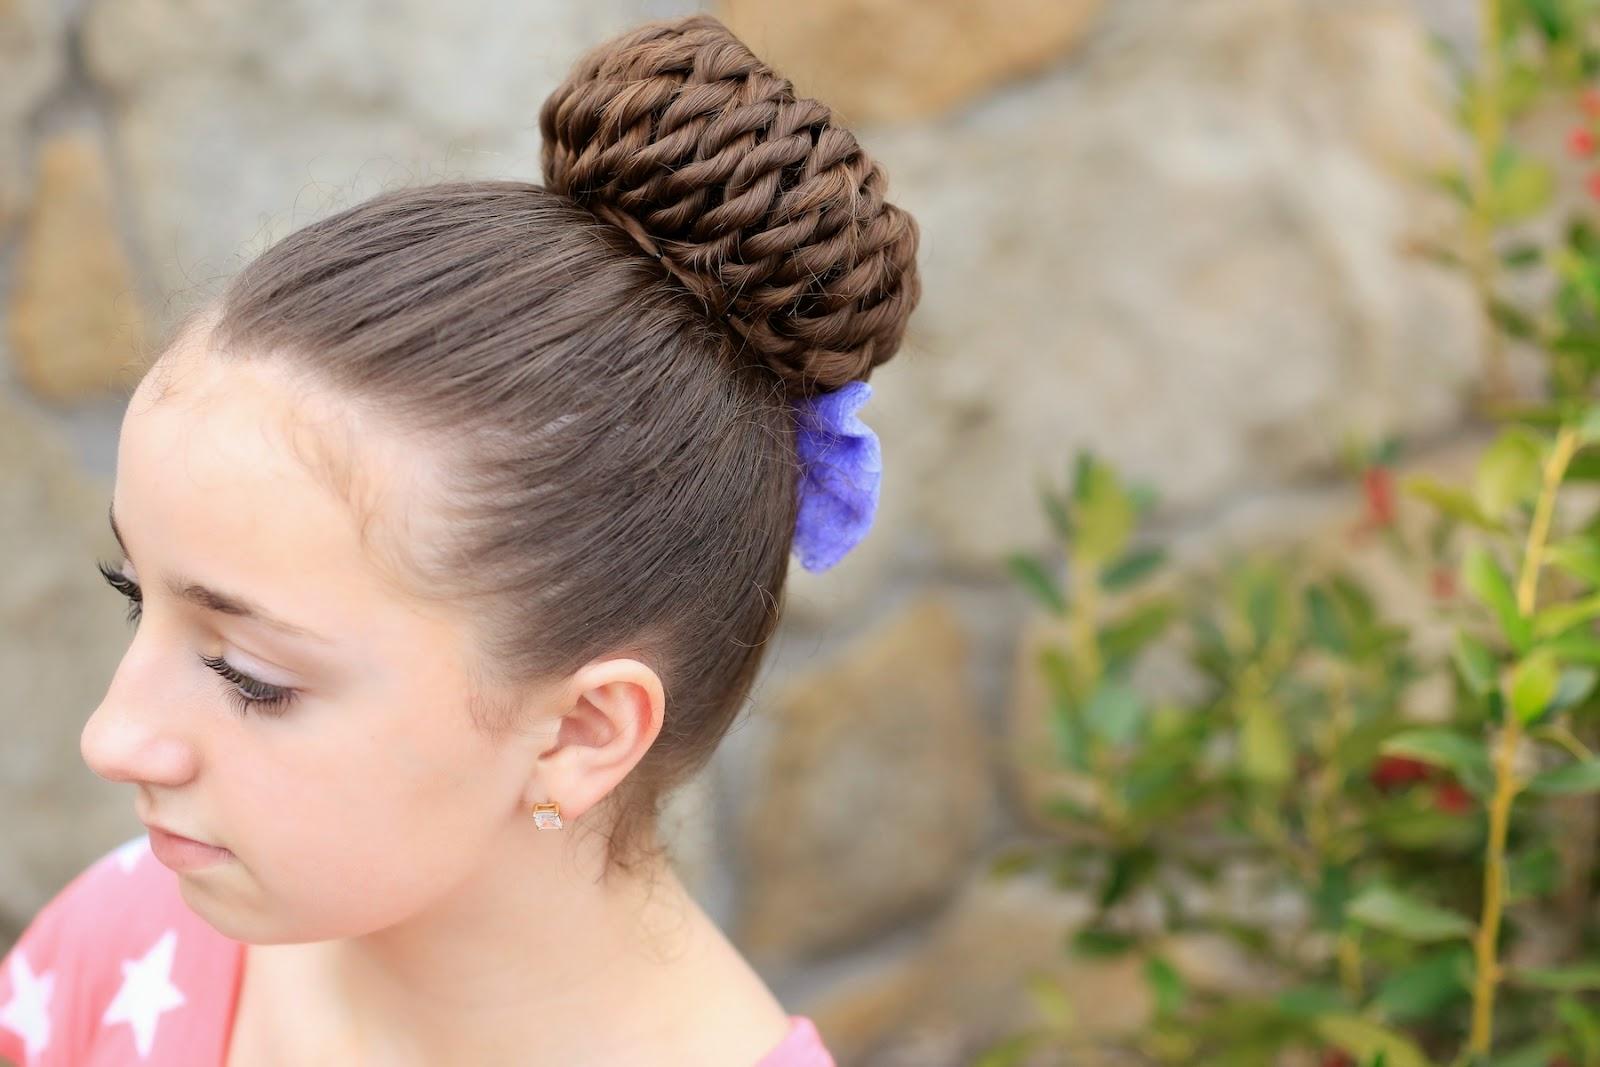 Recogidos Peinados De Fiesta - Peinados fáciles para pelo largo aprende a hacerlos paso